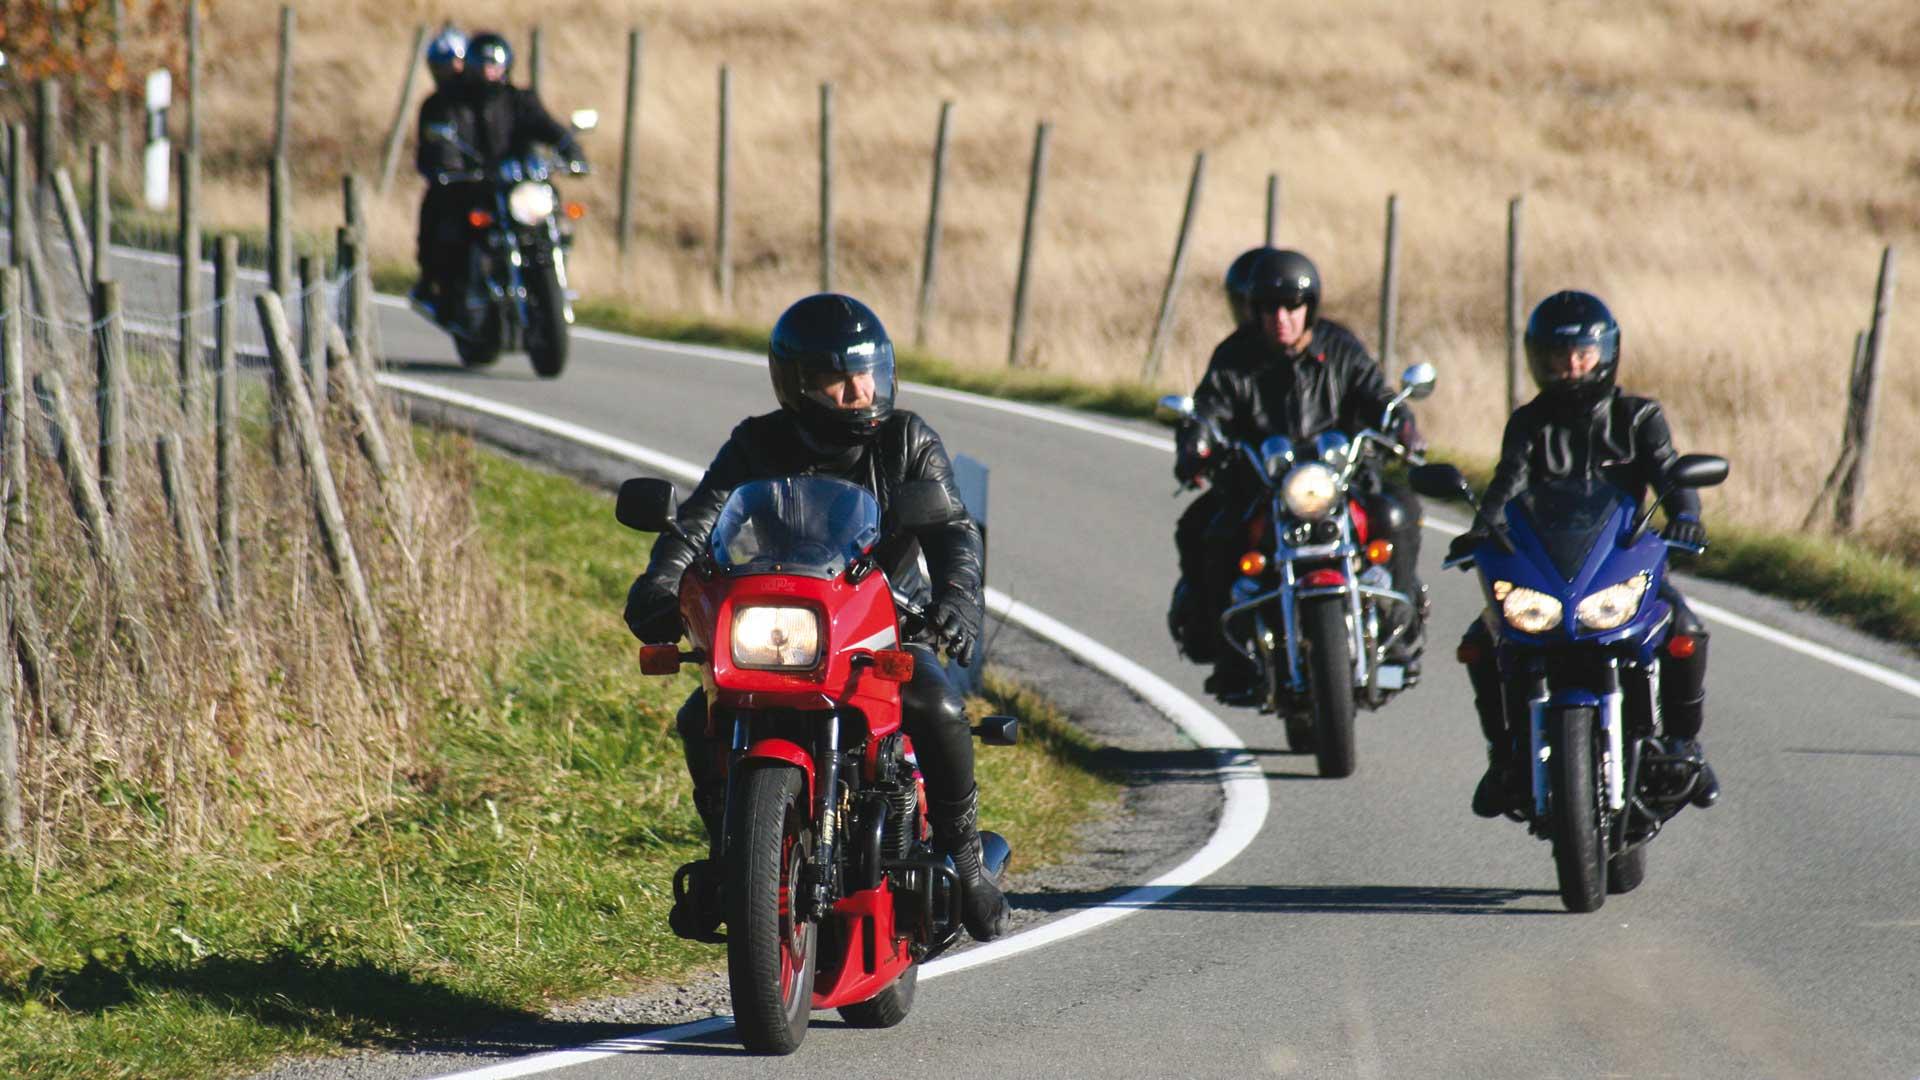 Motorradfahren im Sauerland - Motorradgruppe im Herbst